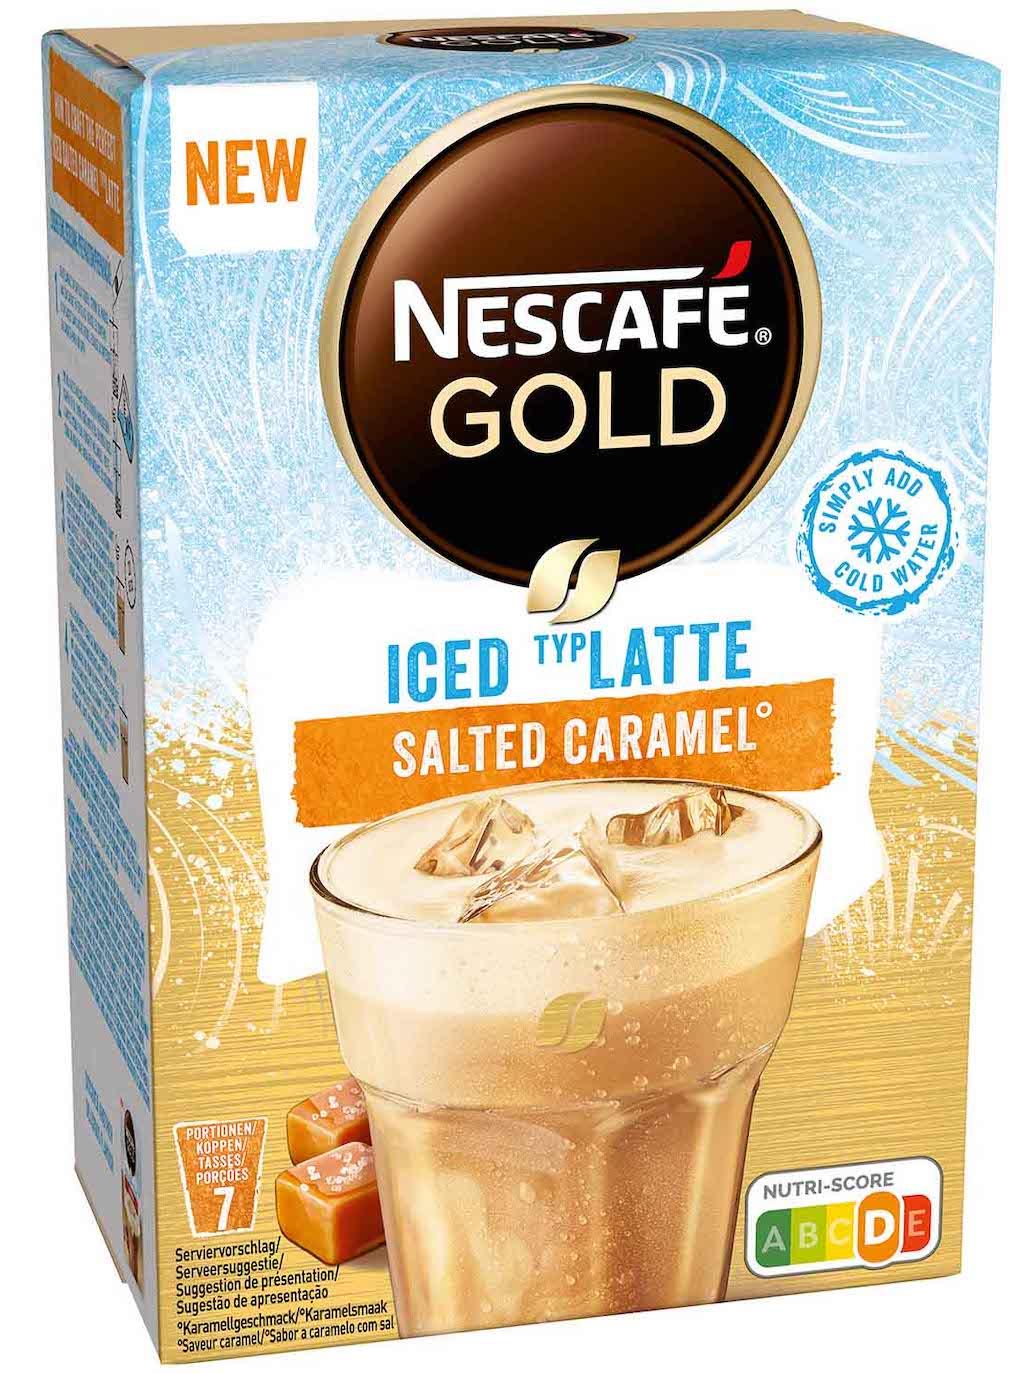 Nestlé Nescafe Gold Iced Latte Salted Caramel 7er